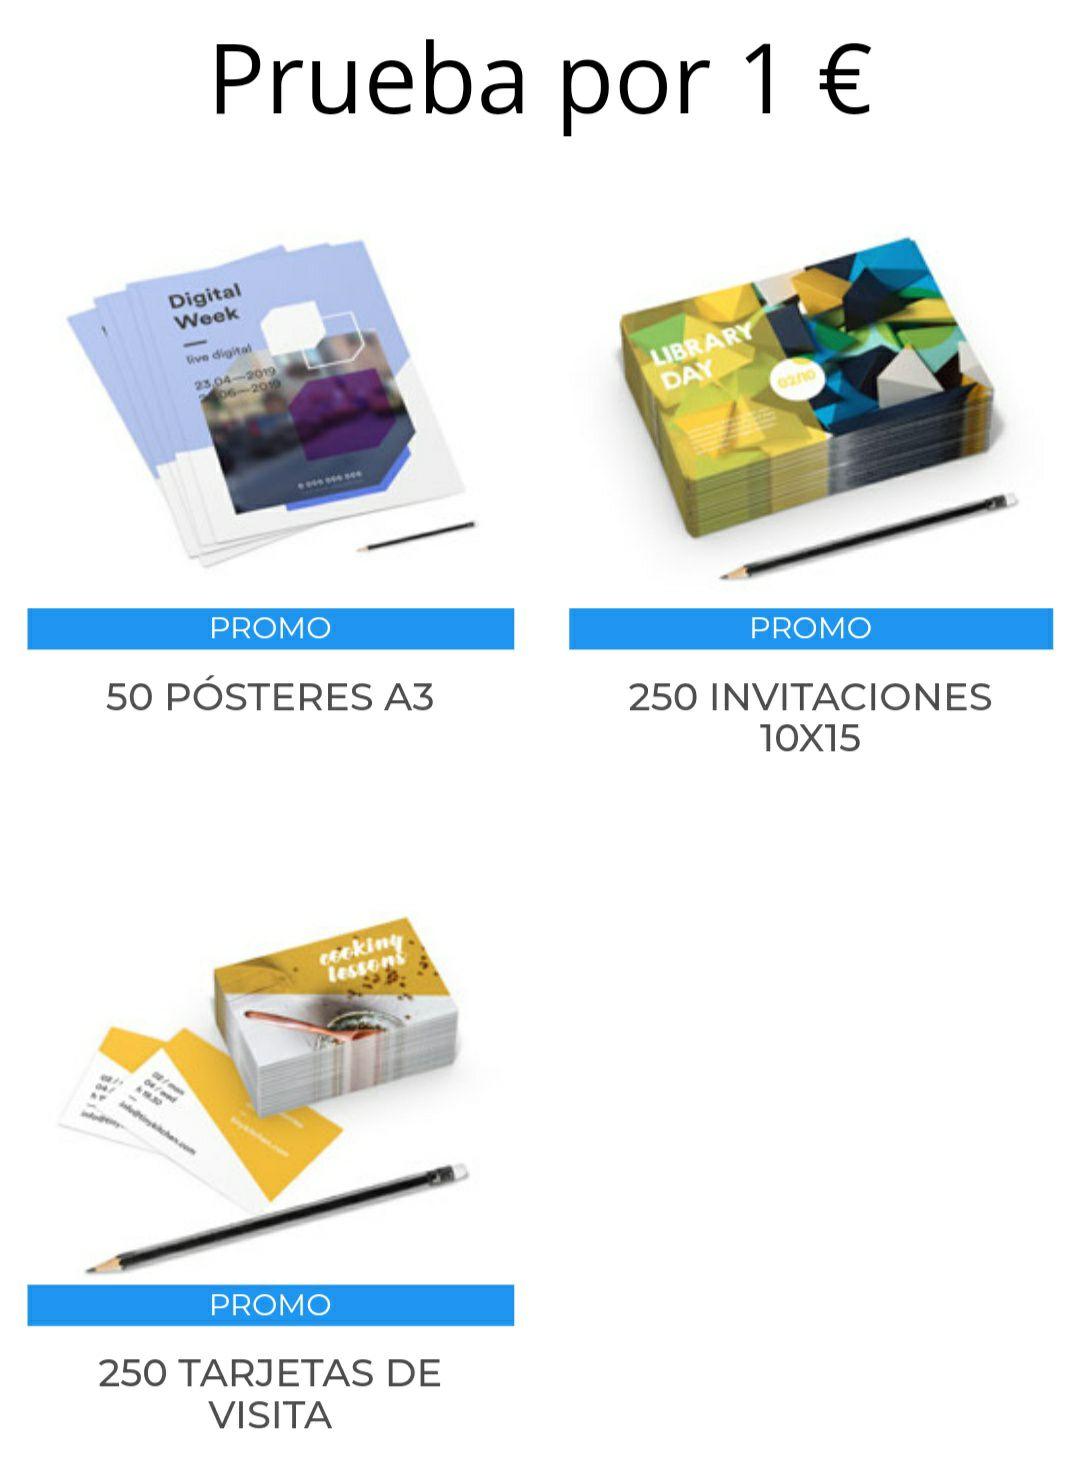 250 Tarjetas de visita, 50 posters A3 o 250 invitaciones por solo 1€